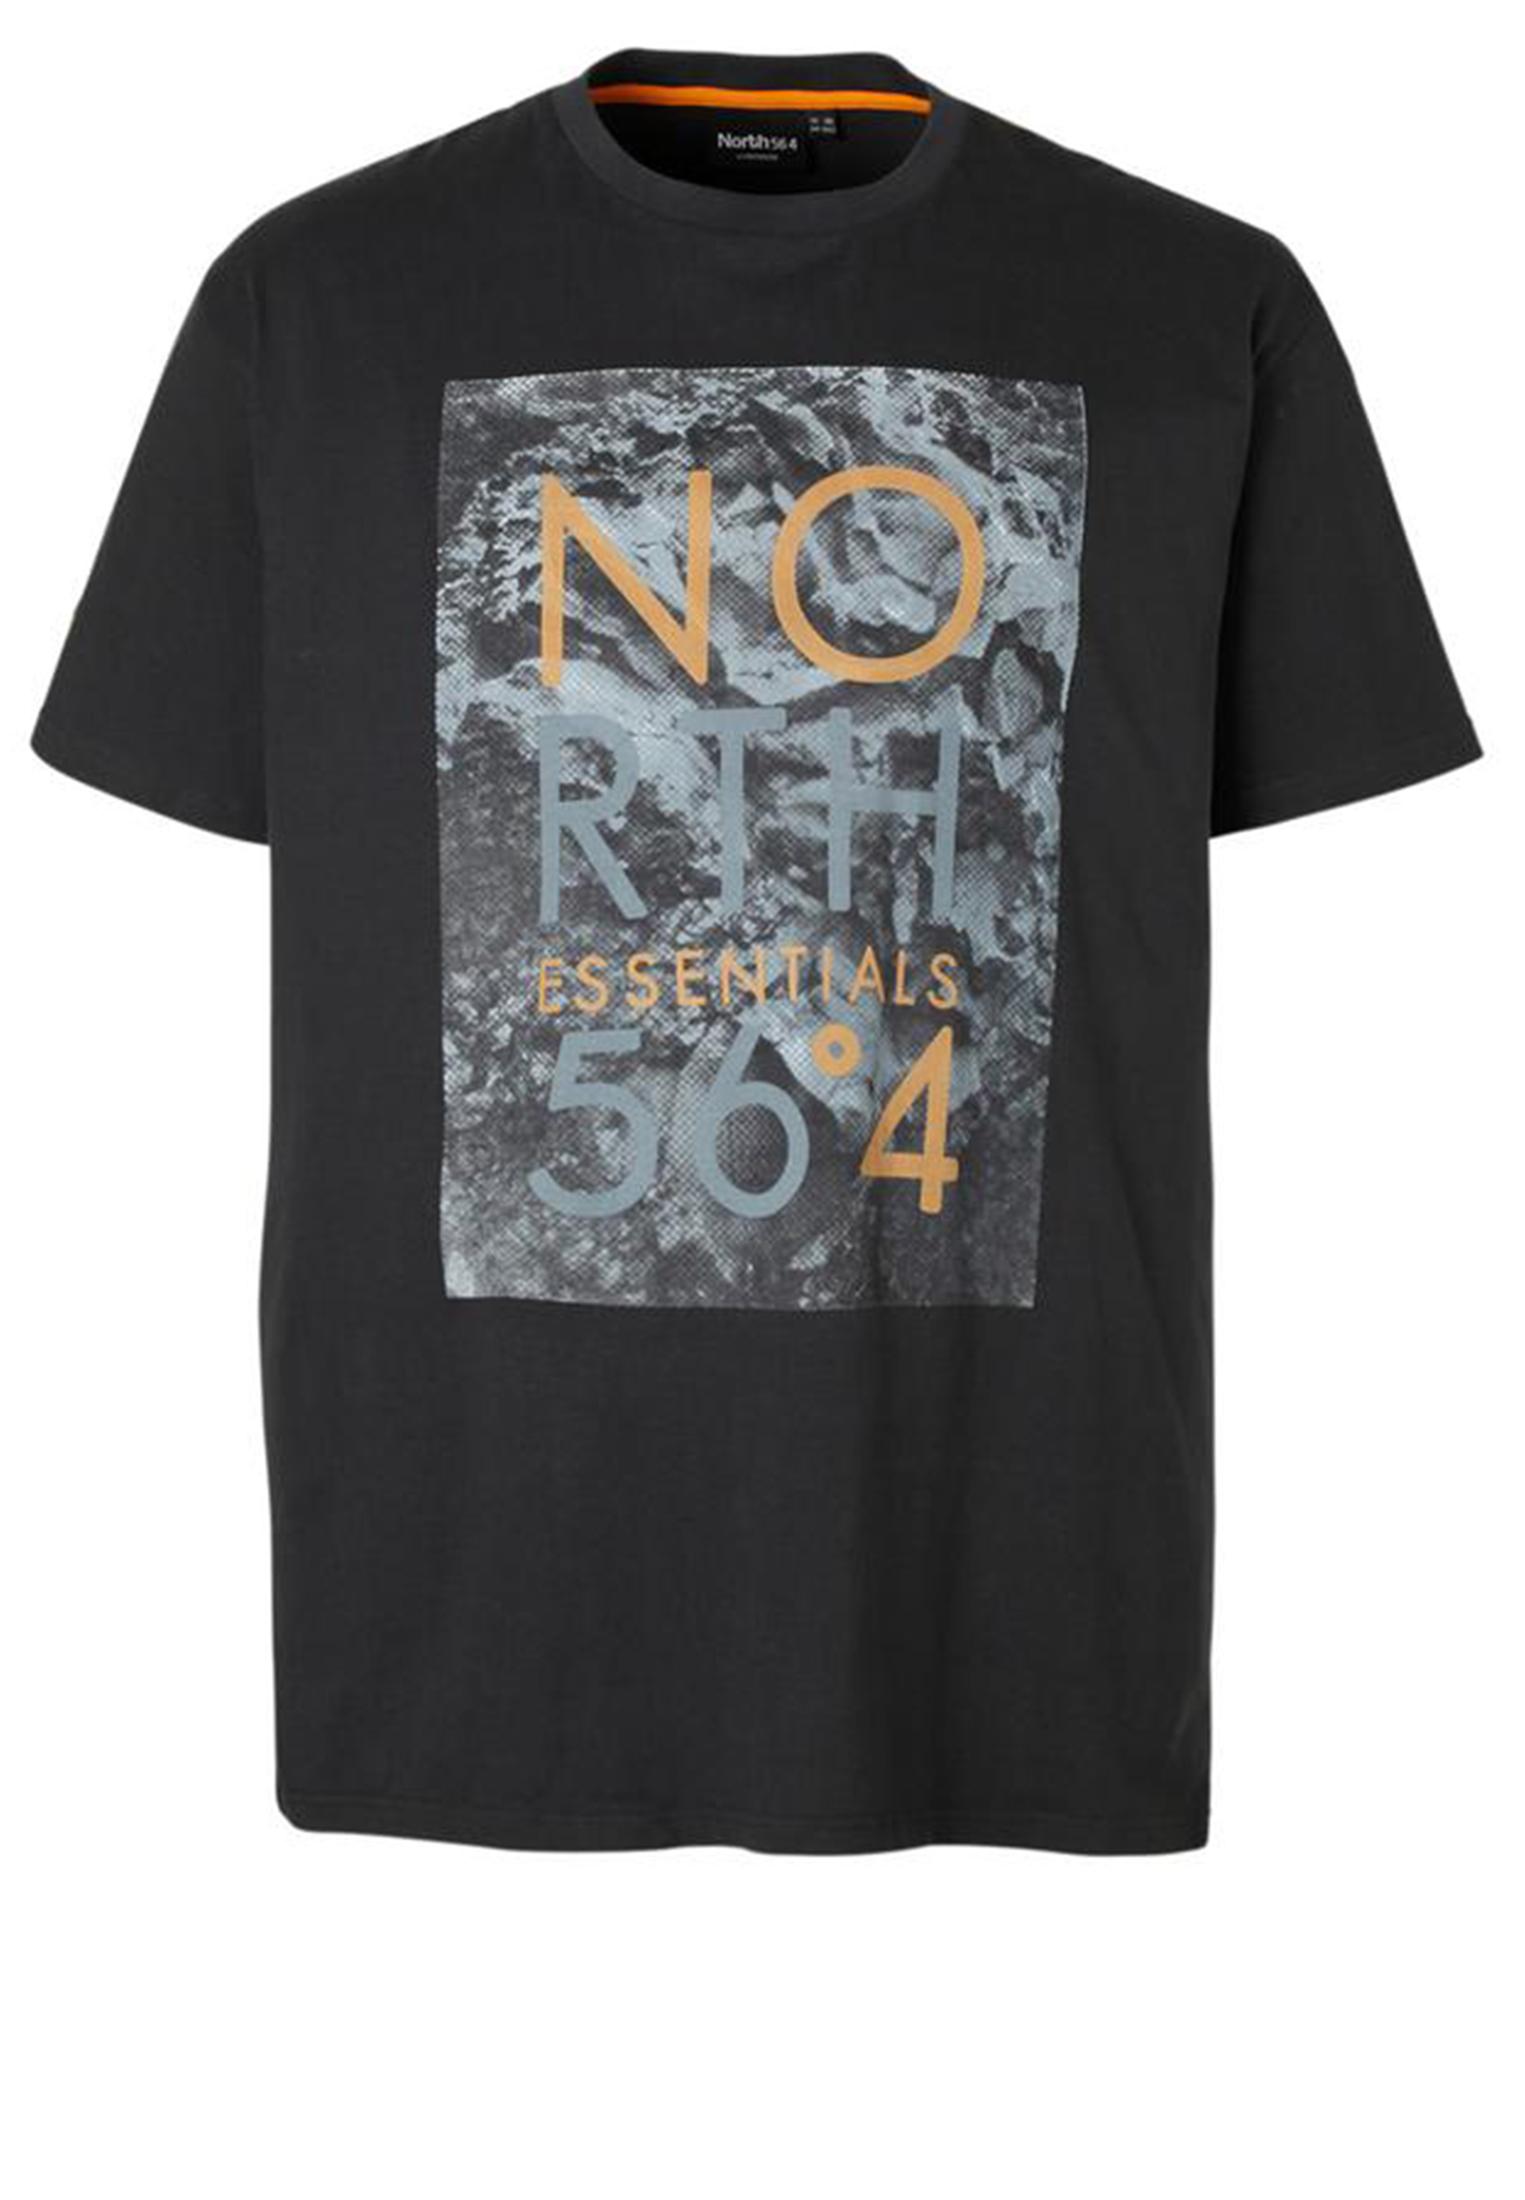 Stoer T-shirt met print en ronde hals van het merk North 56°4. Zwart shirt met grijs bruine print, staat erg leuk op een spijkerbroek.